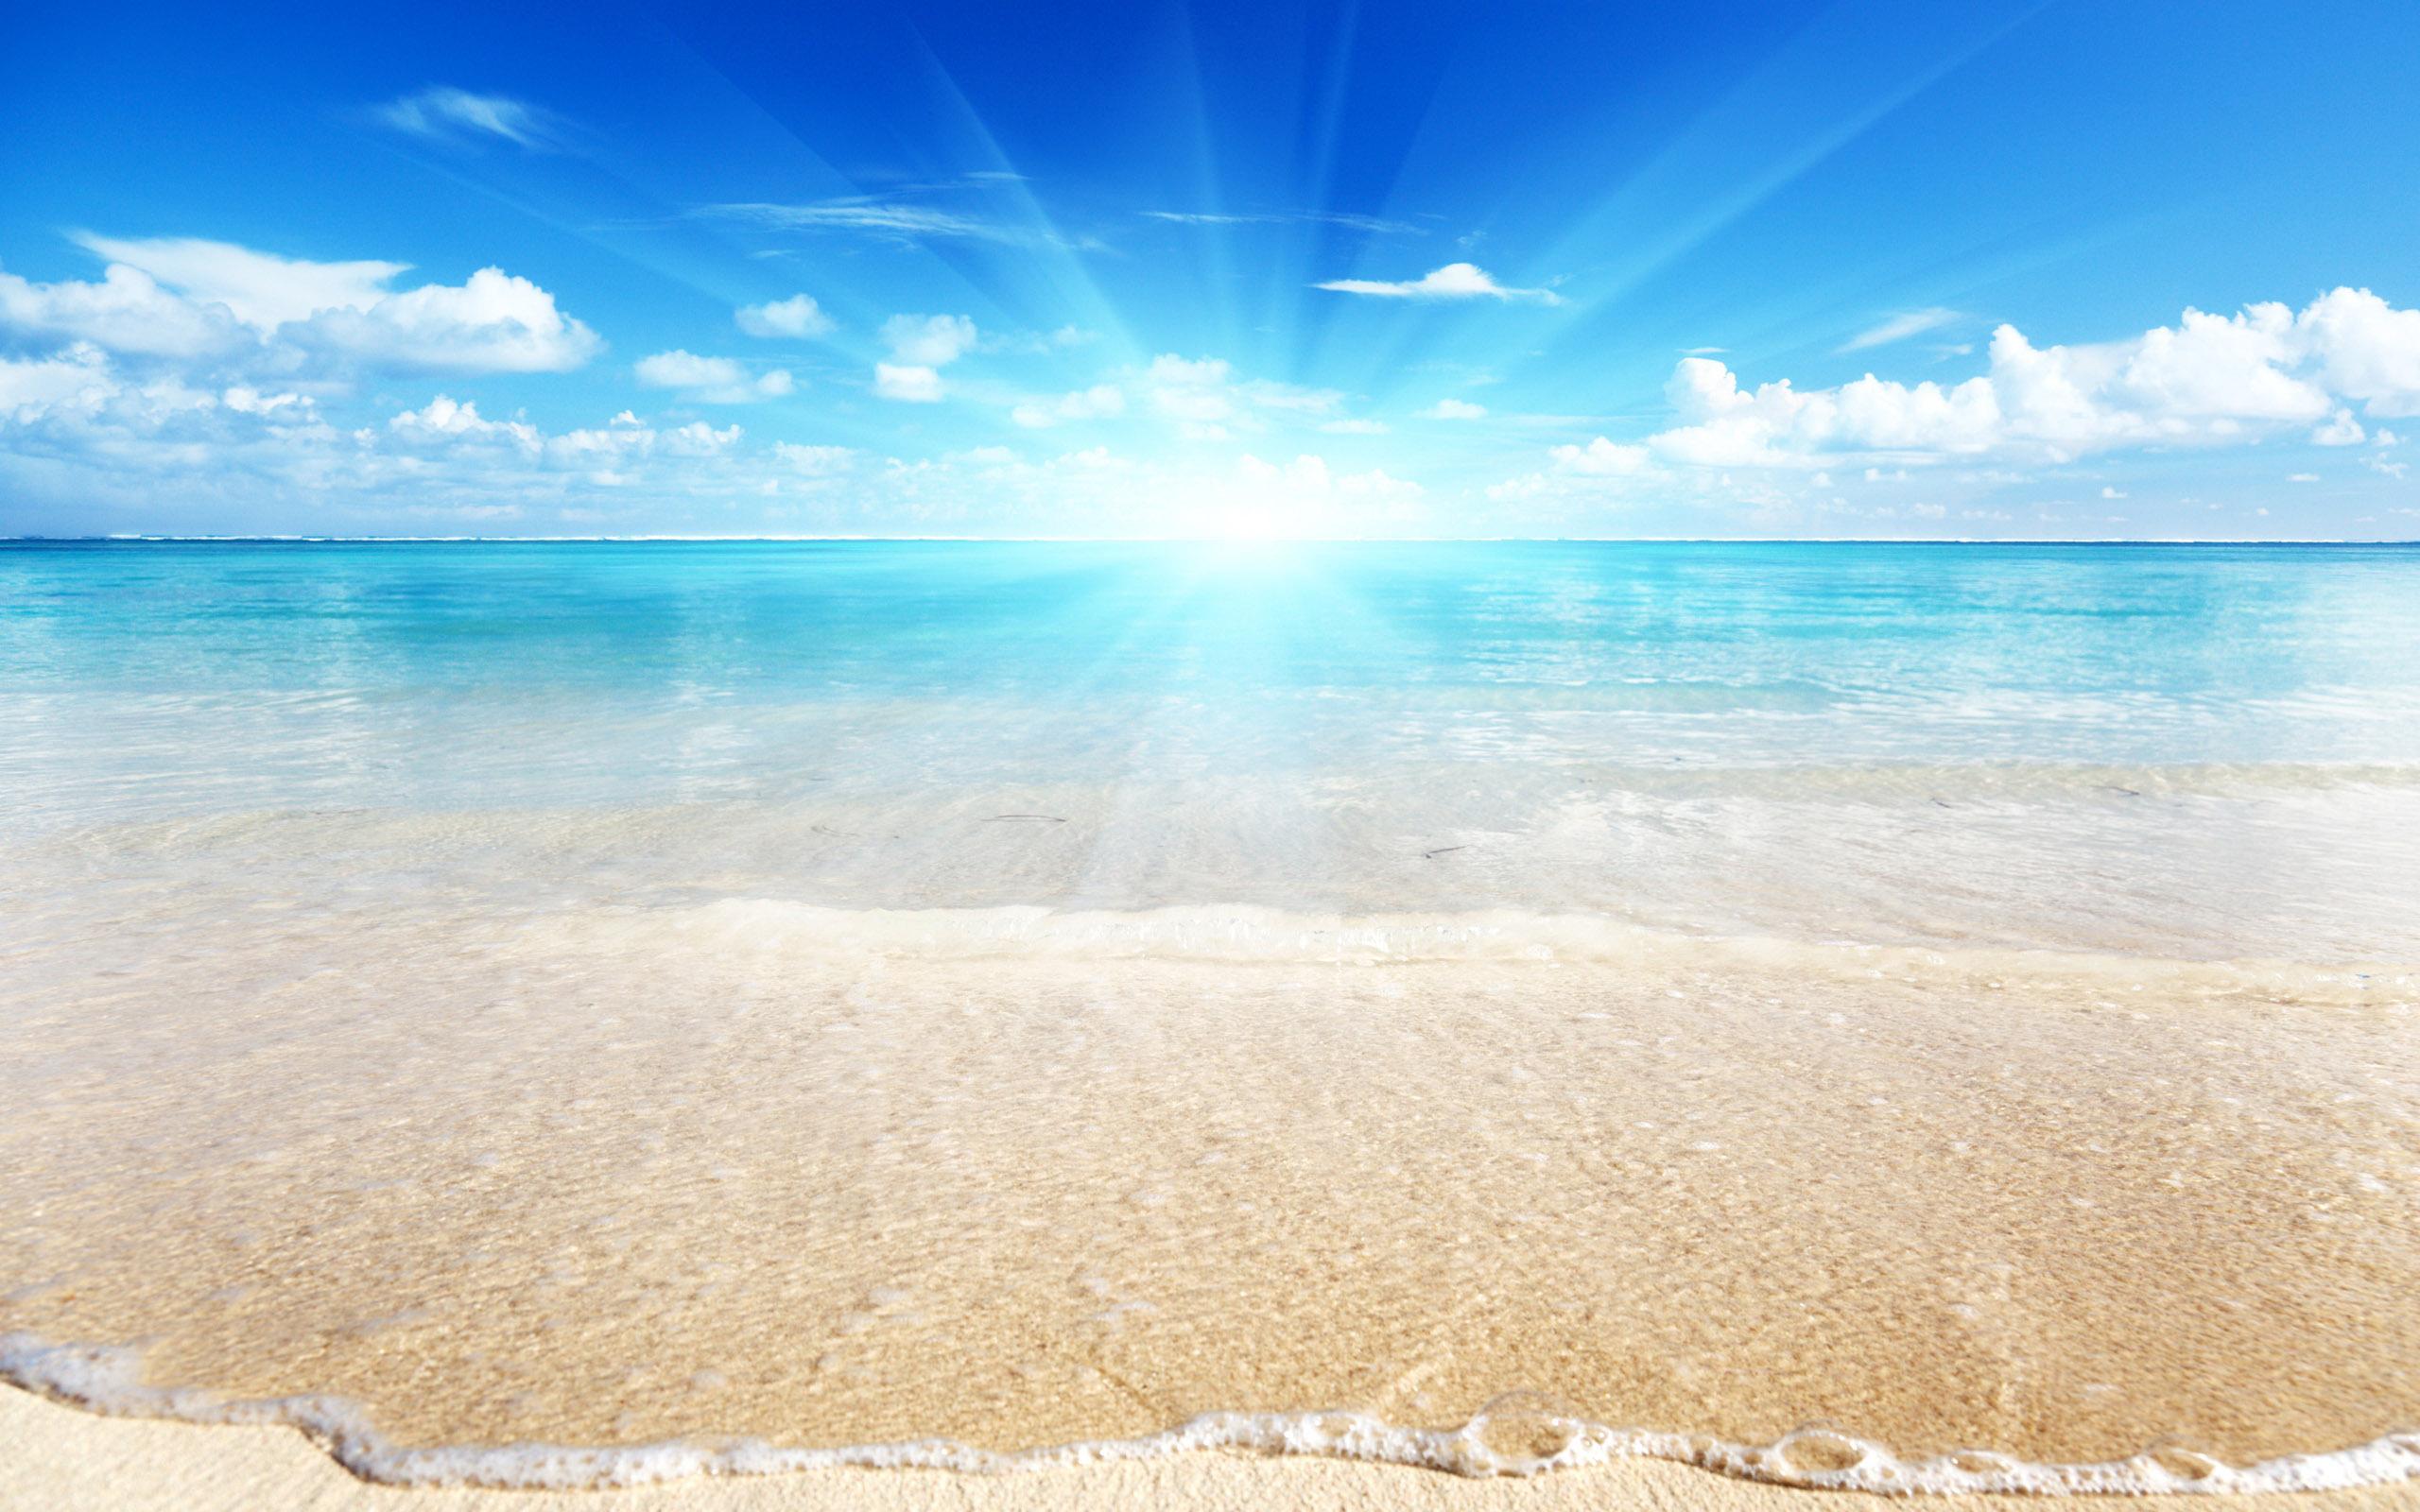 картинка море солнечный день чёрно-белое